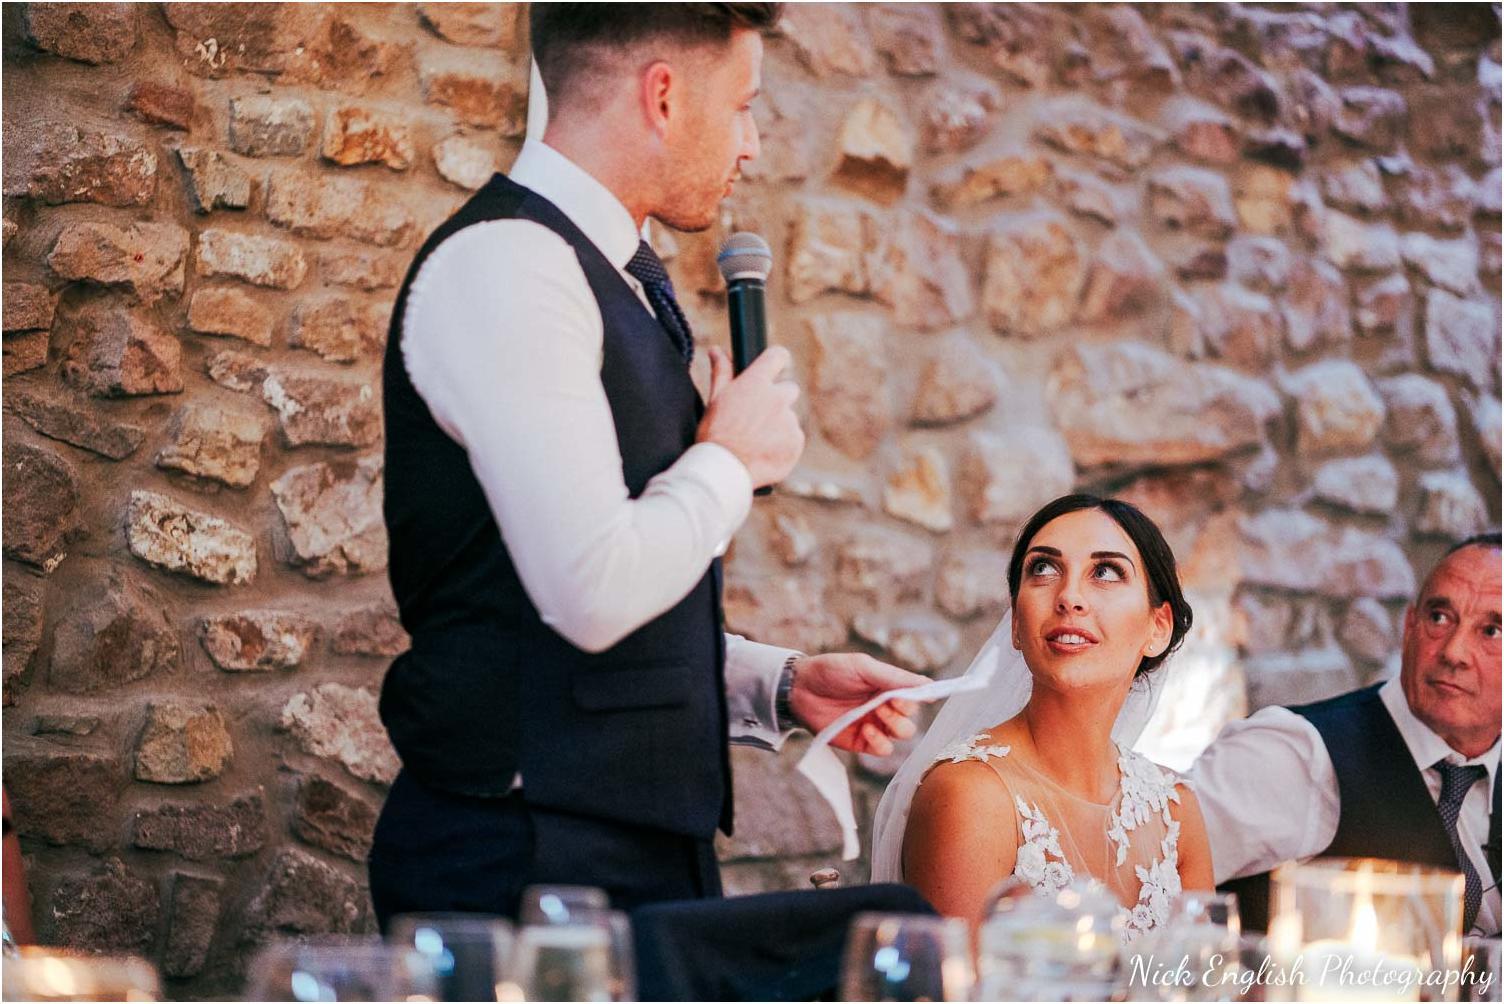 Browsholme_Hall_Barn_Wedding_Nick_English_Photography-142.jpg